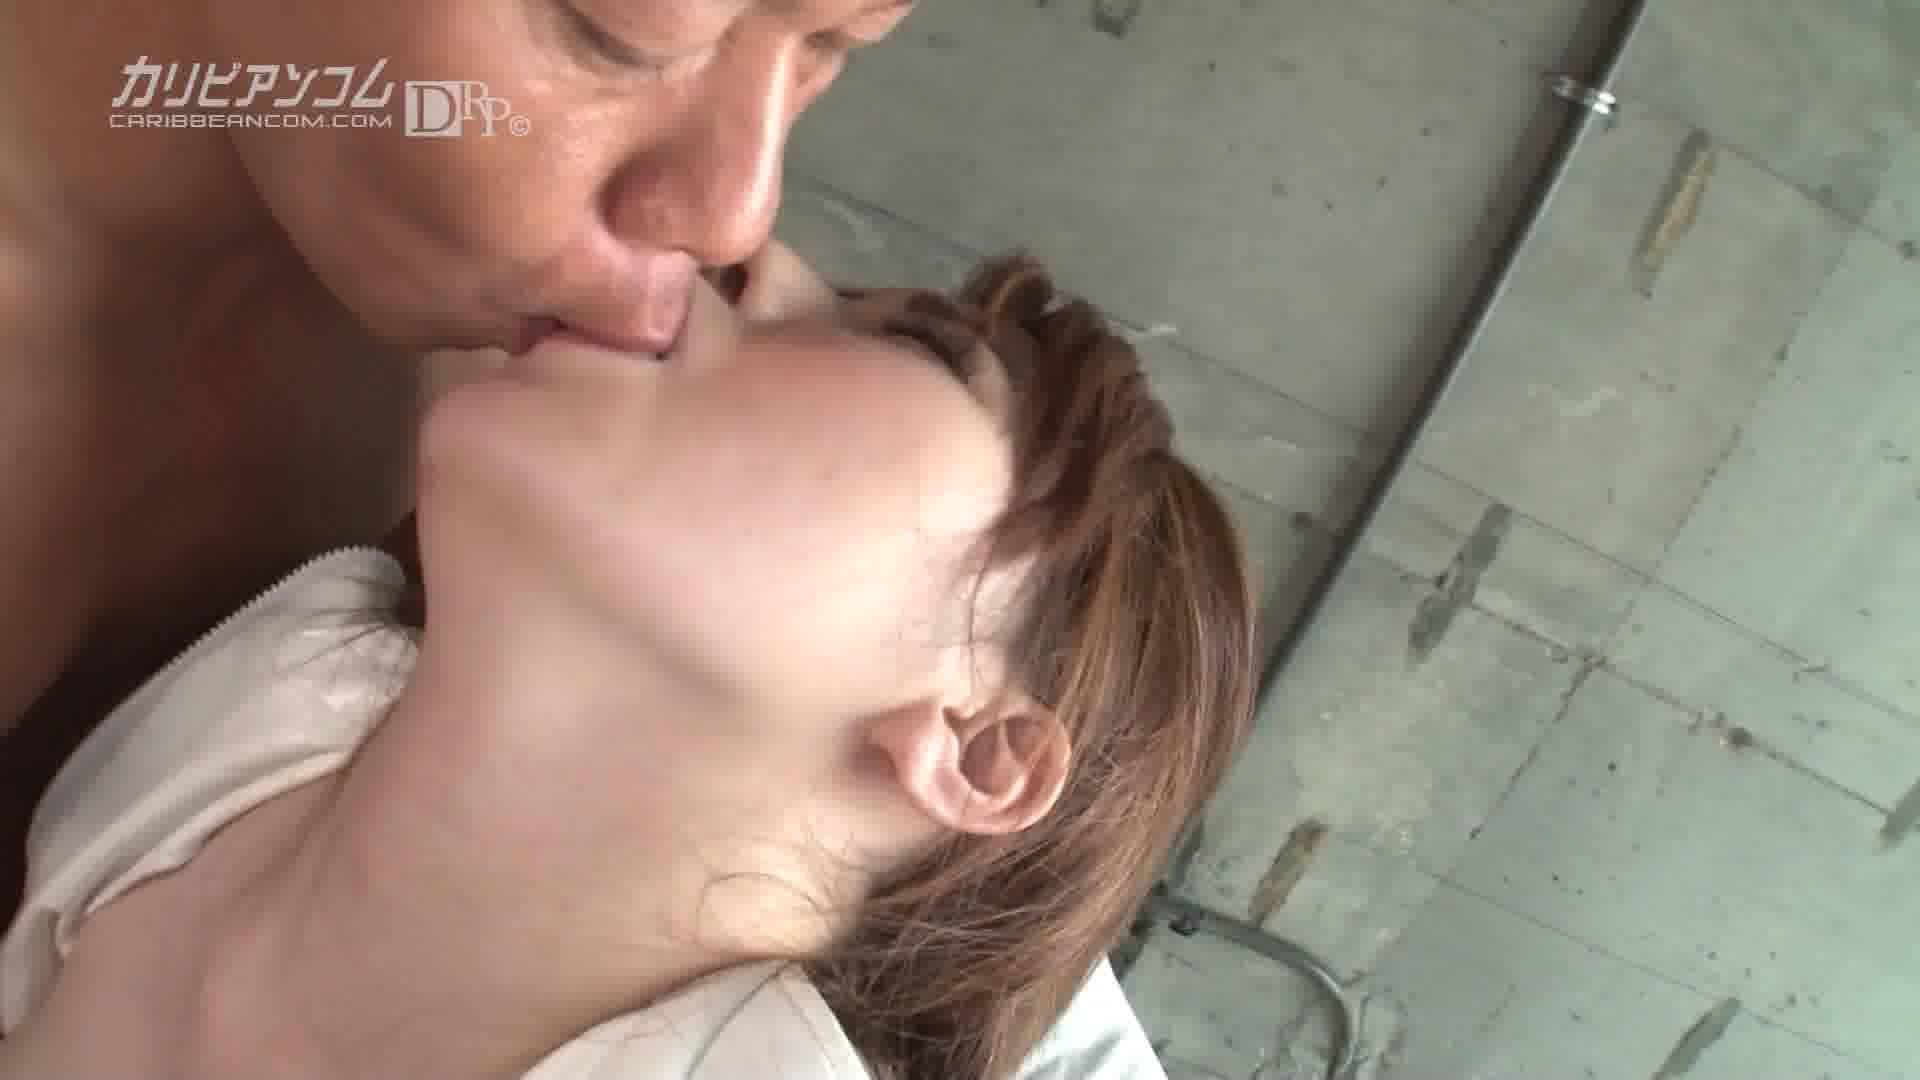 働くオンナINCIDENT ~キャンペーンガール:一ノ瀬麗花のCASE~ - 大空美緒【コスプレ・ハード系・パイパン】